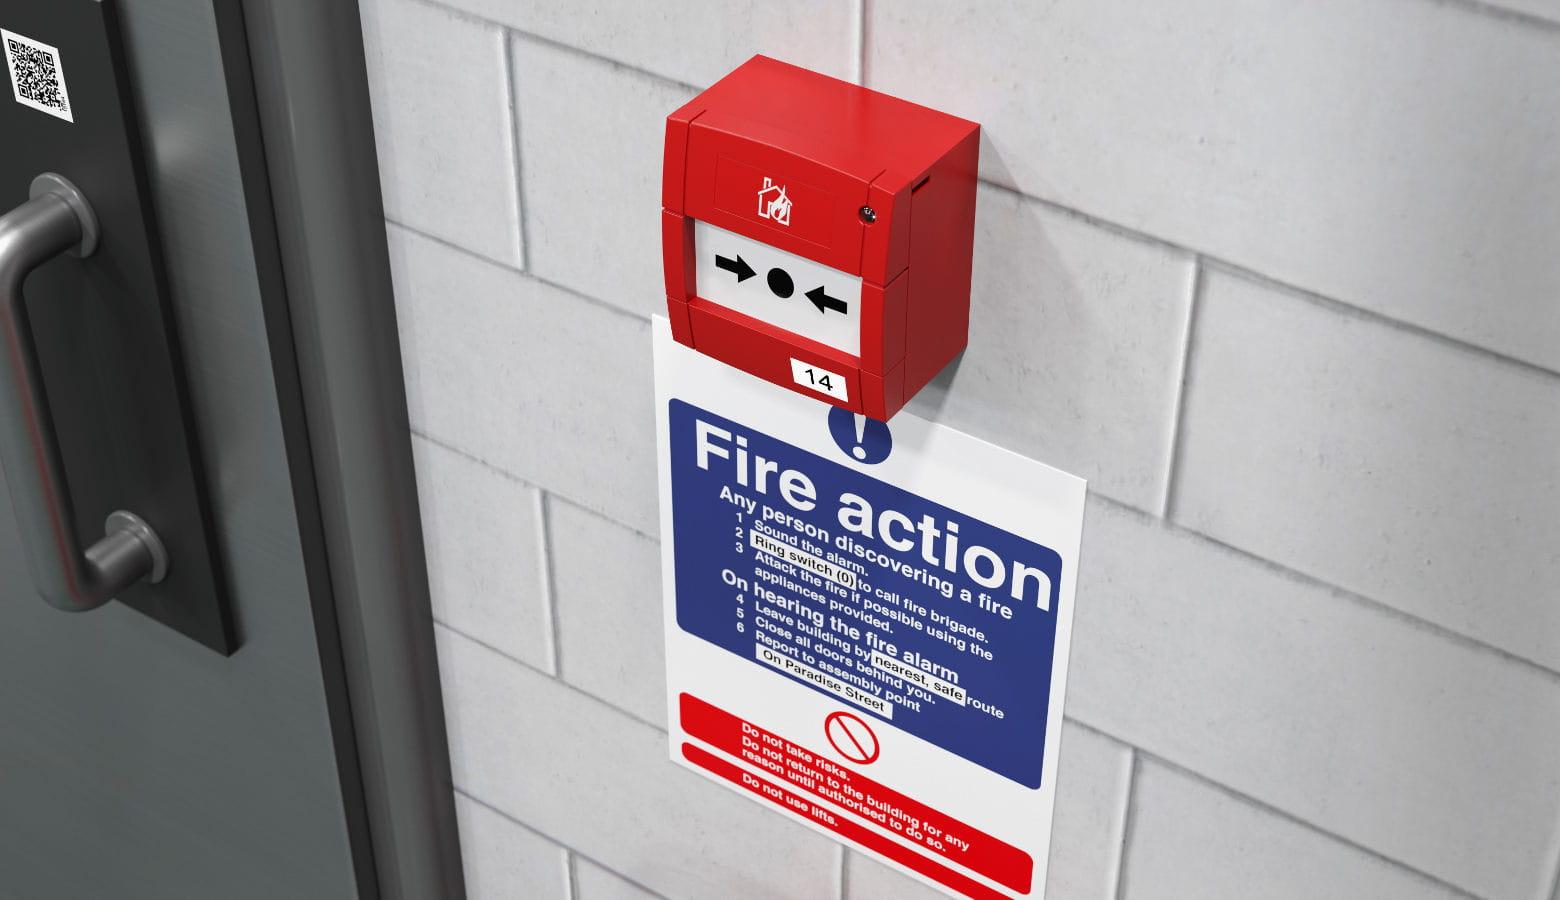 Etiqueta de precacución junto a alarma incendios